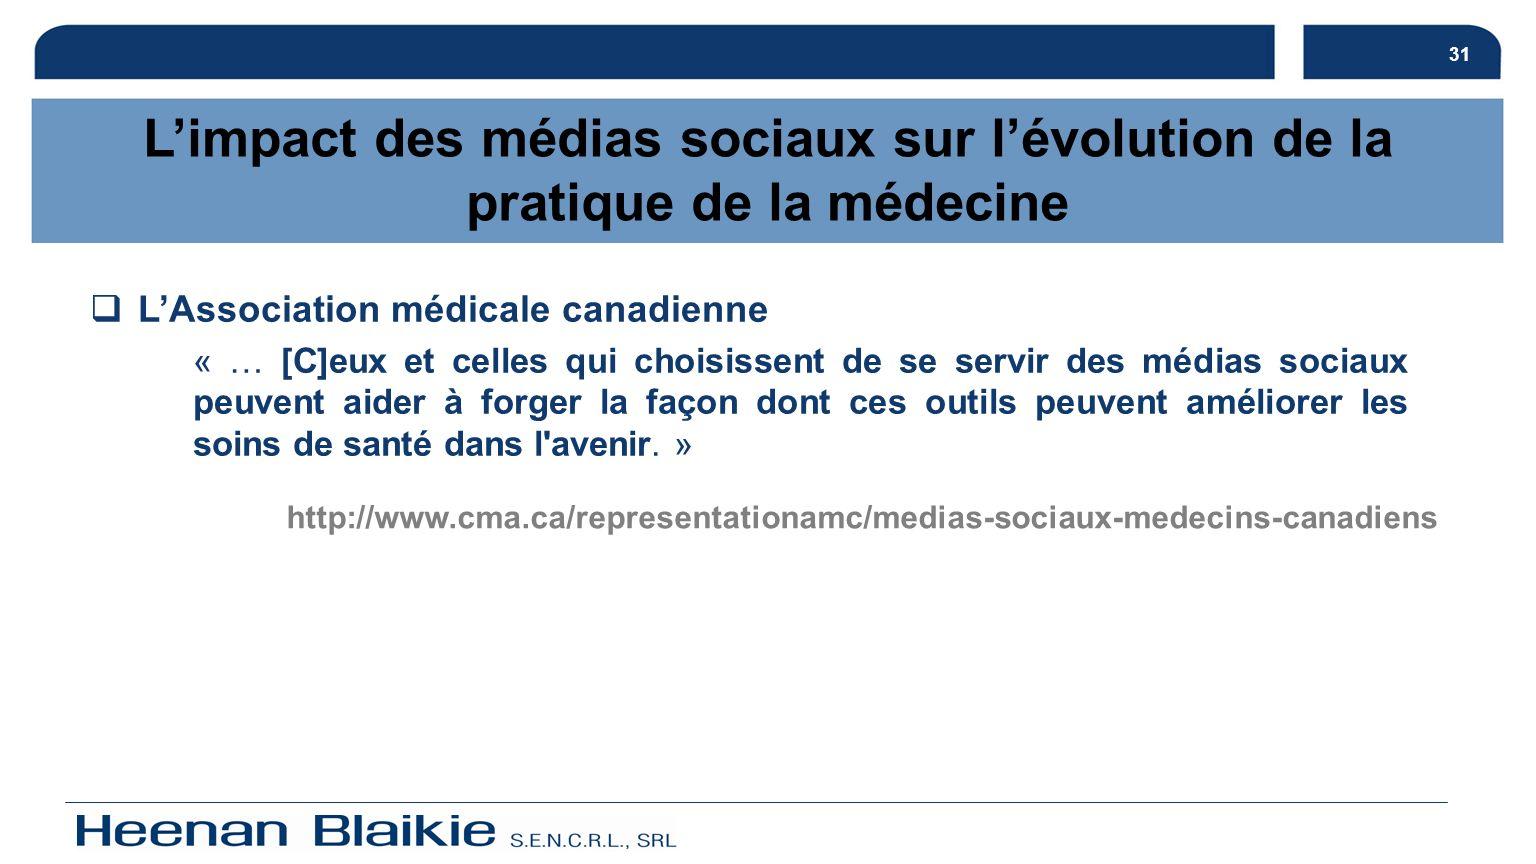 L'impact des médias sociaux sur l'évolution de la pratique de la médecine